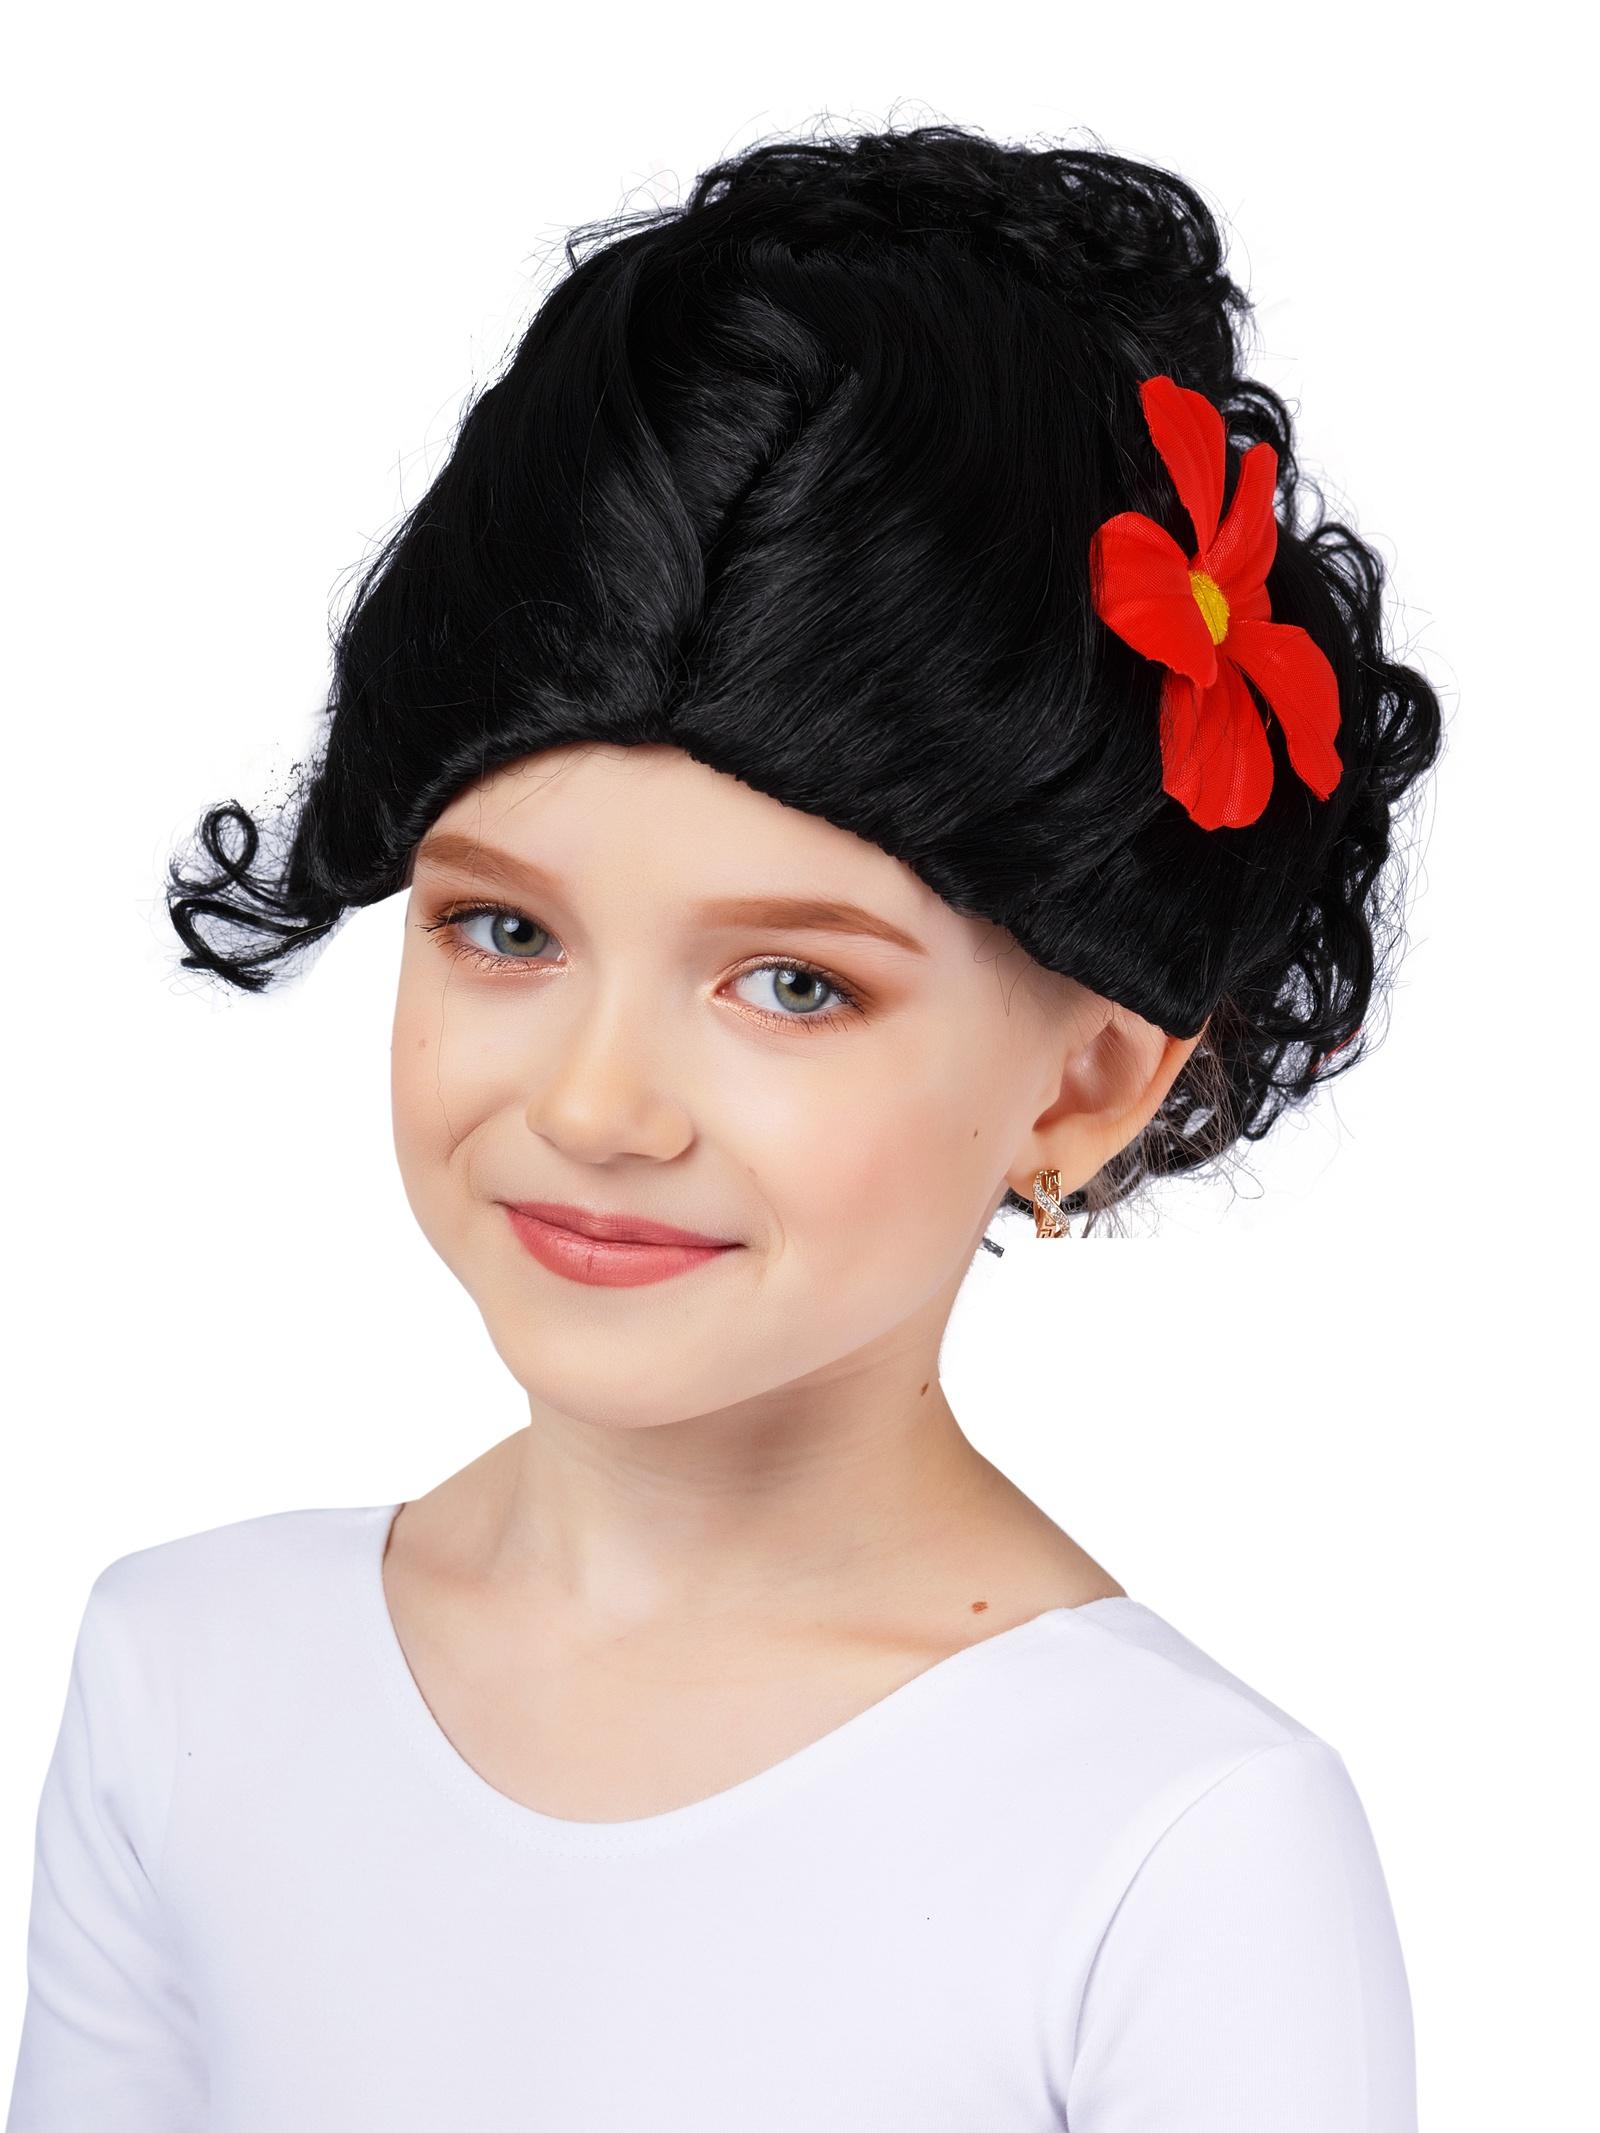 Фото - Аксессуар для карнавального костюма Gala-Вальс Парик Испанка, красный, черный парик косплей cosleader perucas sallei peluca wig 028a